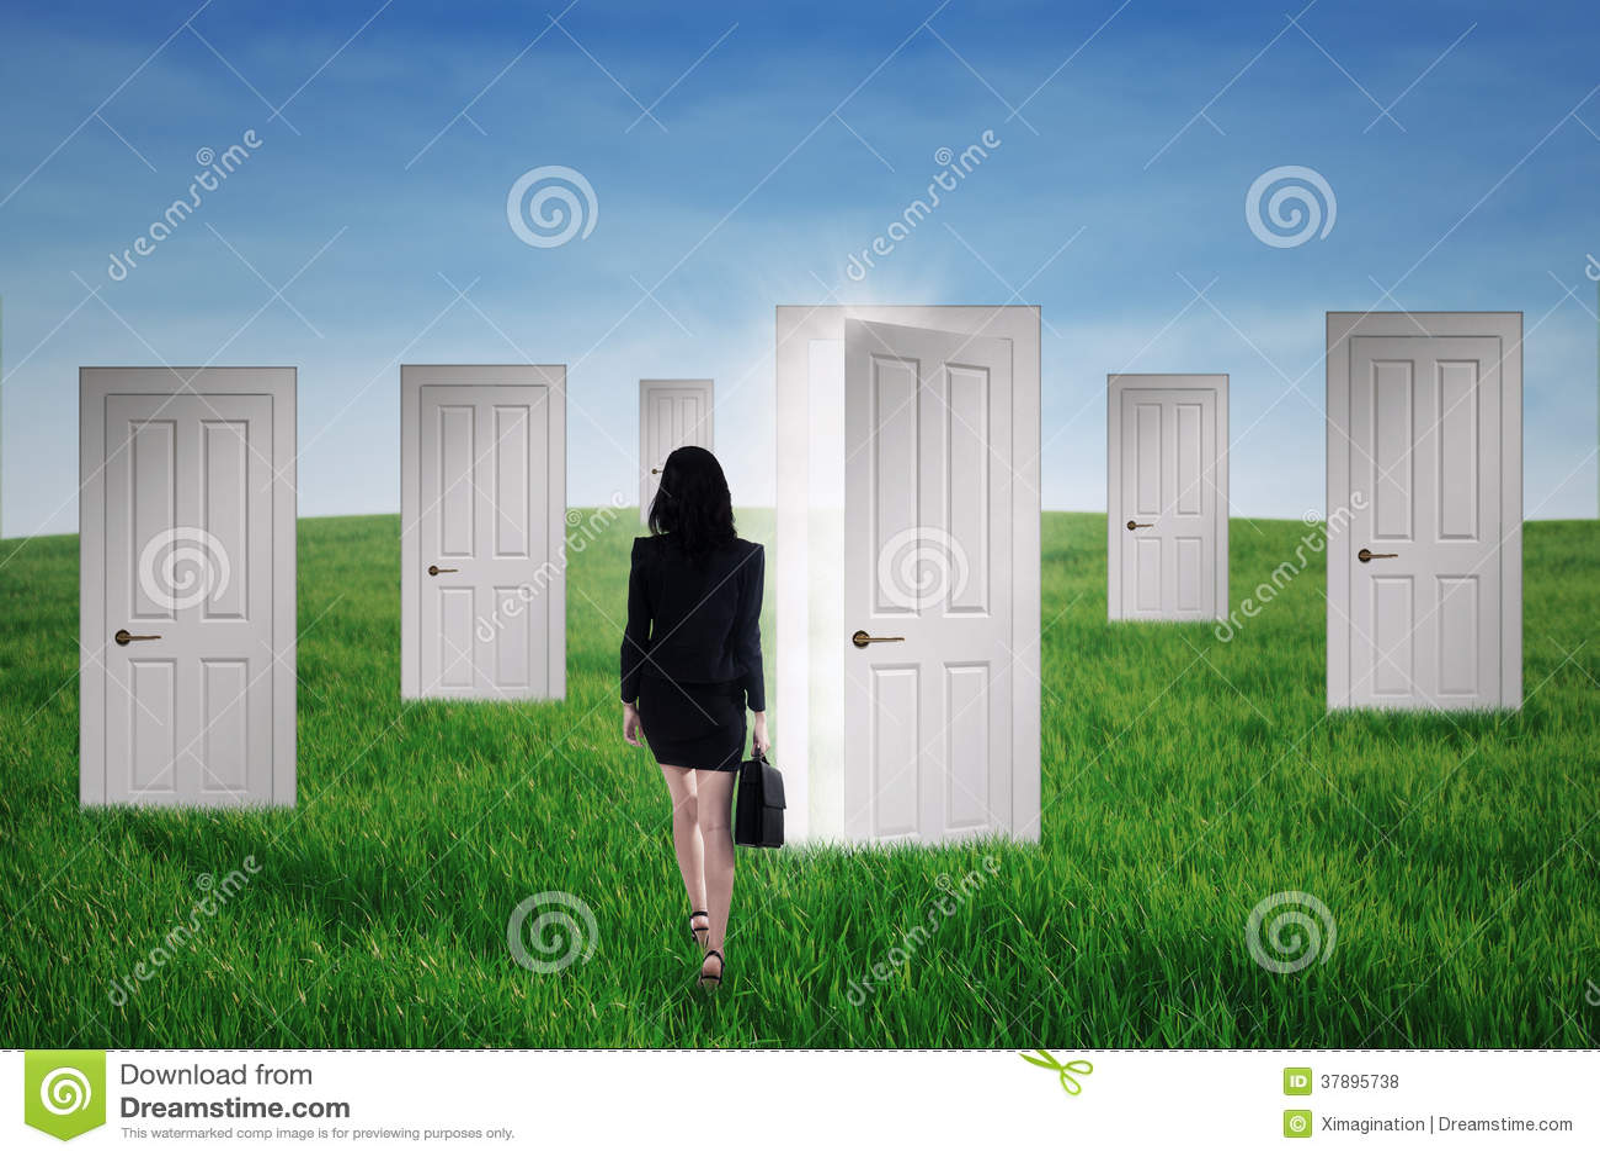 Girl Walks Into Door : Businesswoman walks into opportunity doors royalty free